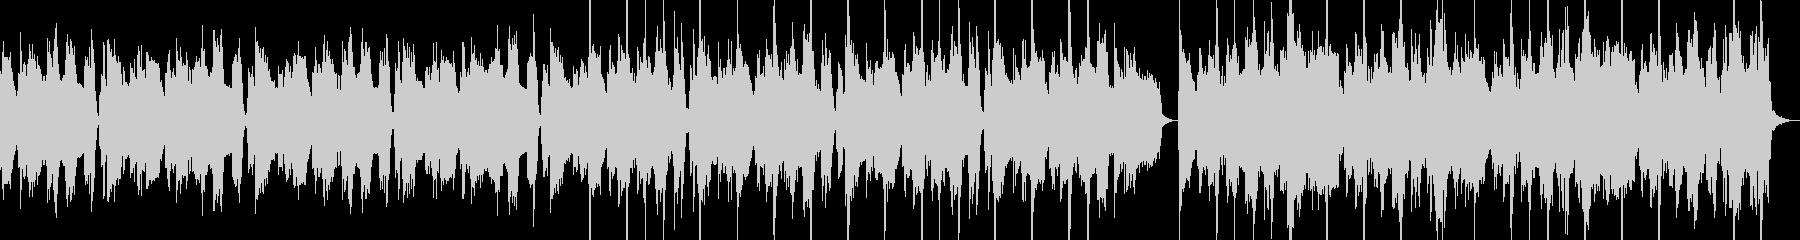 シュール コミカル ギター カッティングの未再生の波形